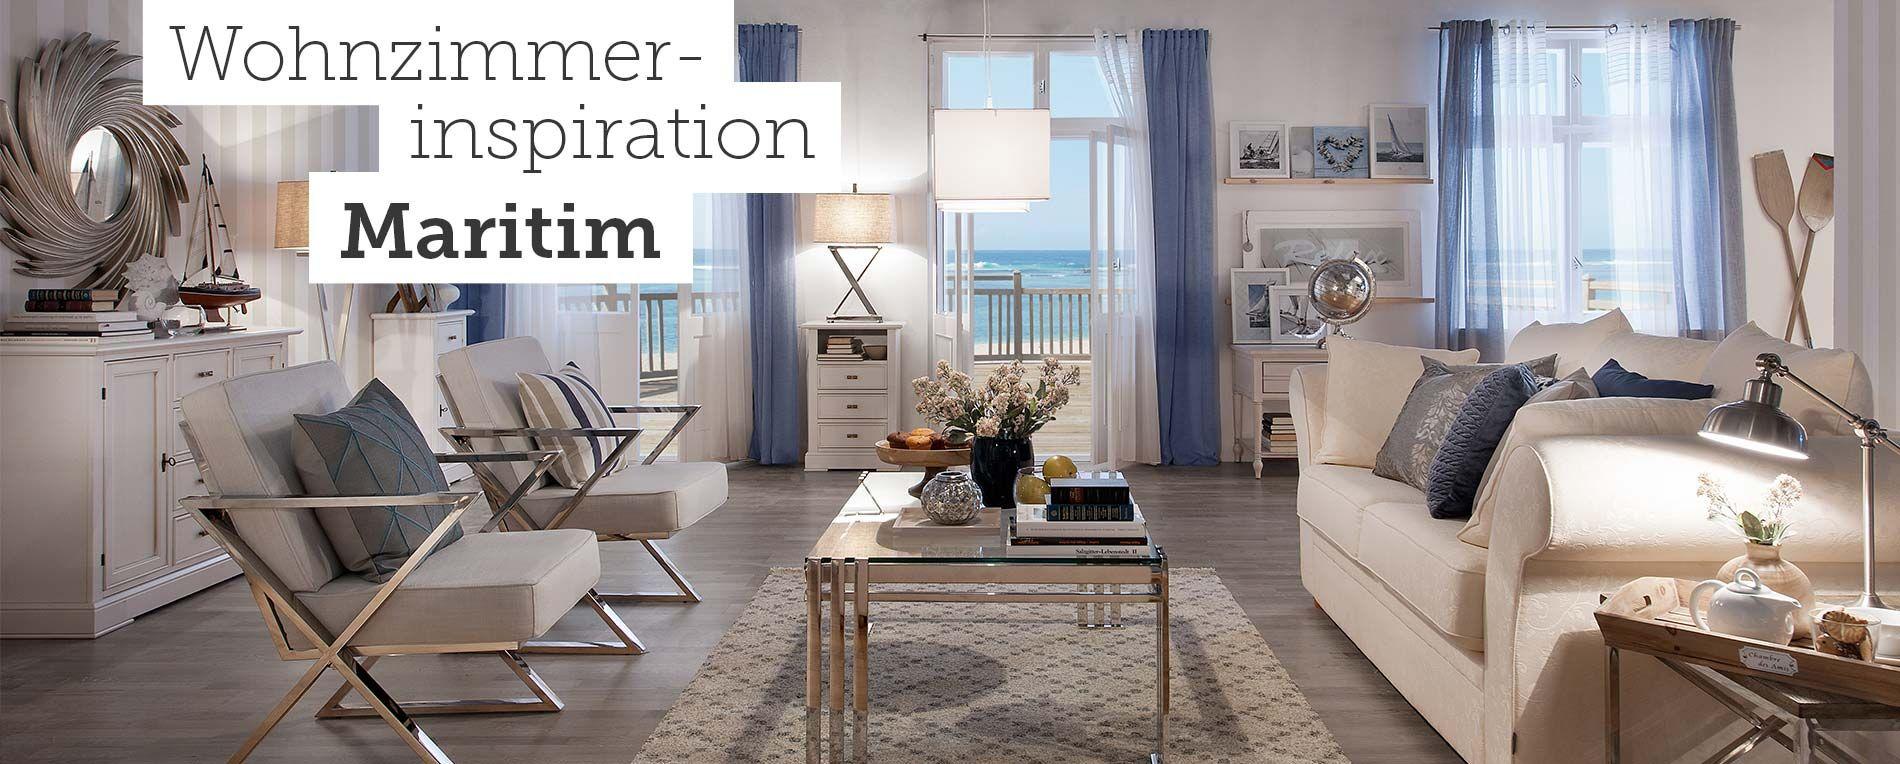 Wohnzimmer Ideen » Wohnzimmermöbel bei Höffner | Unbedingt kaufen ...